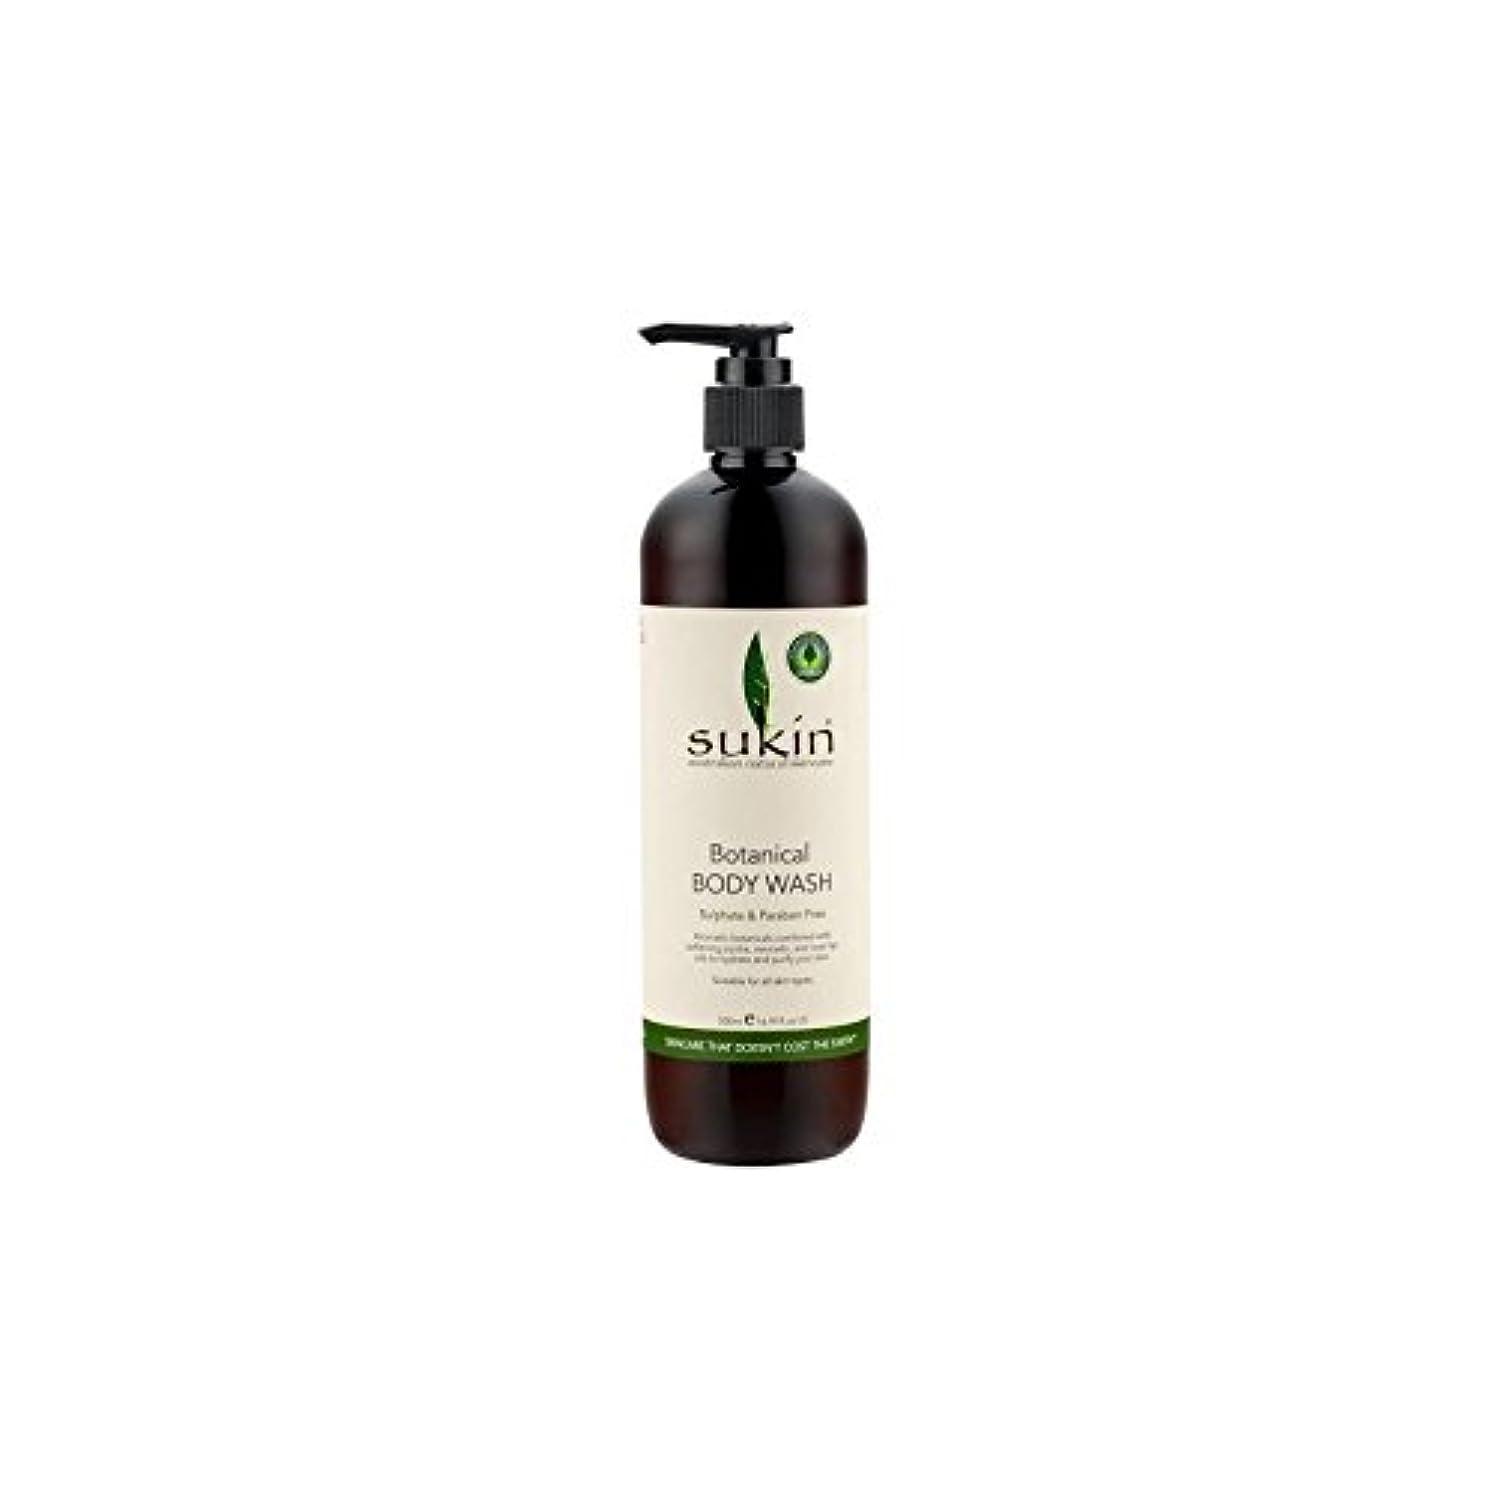 スピンリーン広告する植物ボディウォッシュ(500ミリリットル) x2 - Sukin Botanical Body Wash (500ml) (Pack of 2) [並行輸入品]